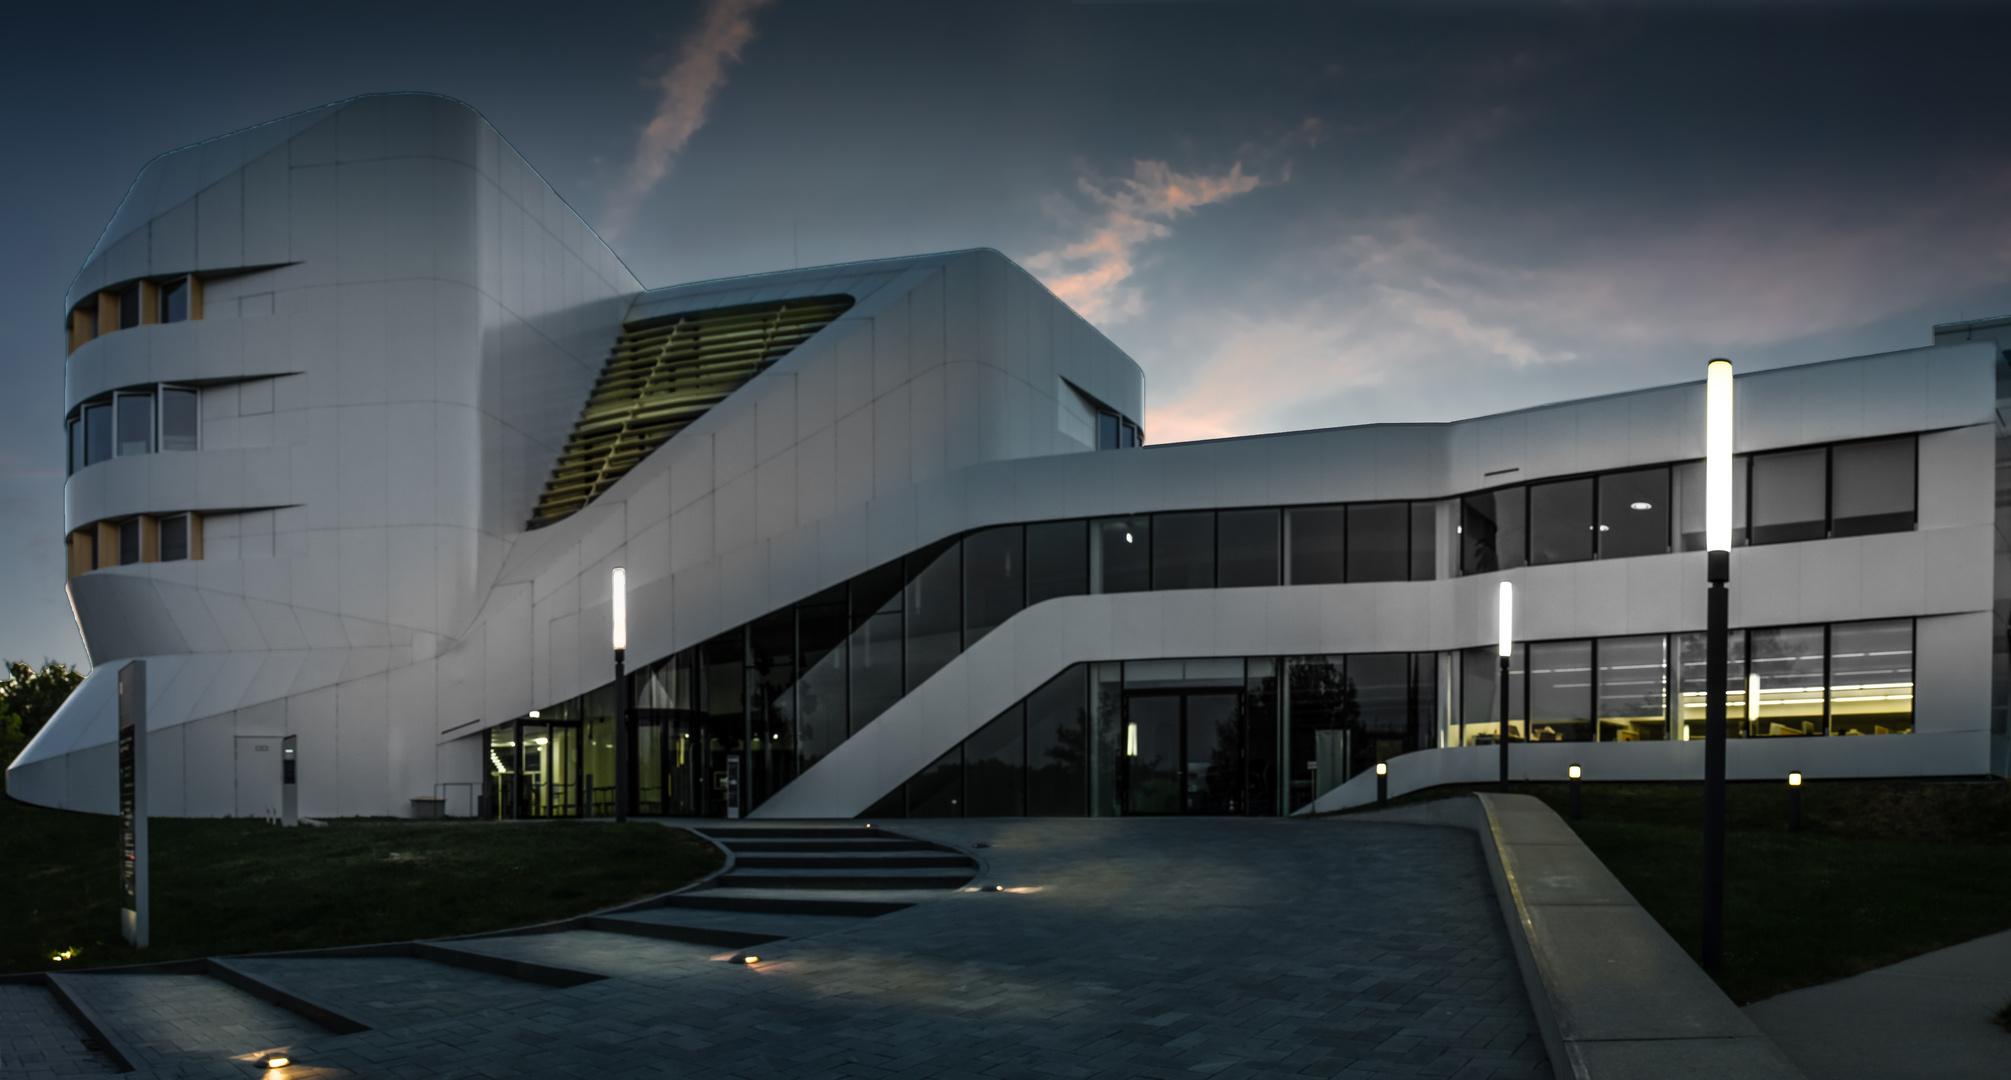 Moderne architektur foto bild world architektur - Moderne architektur ...